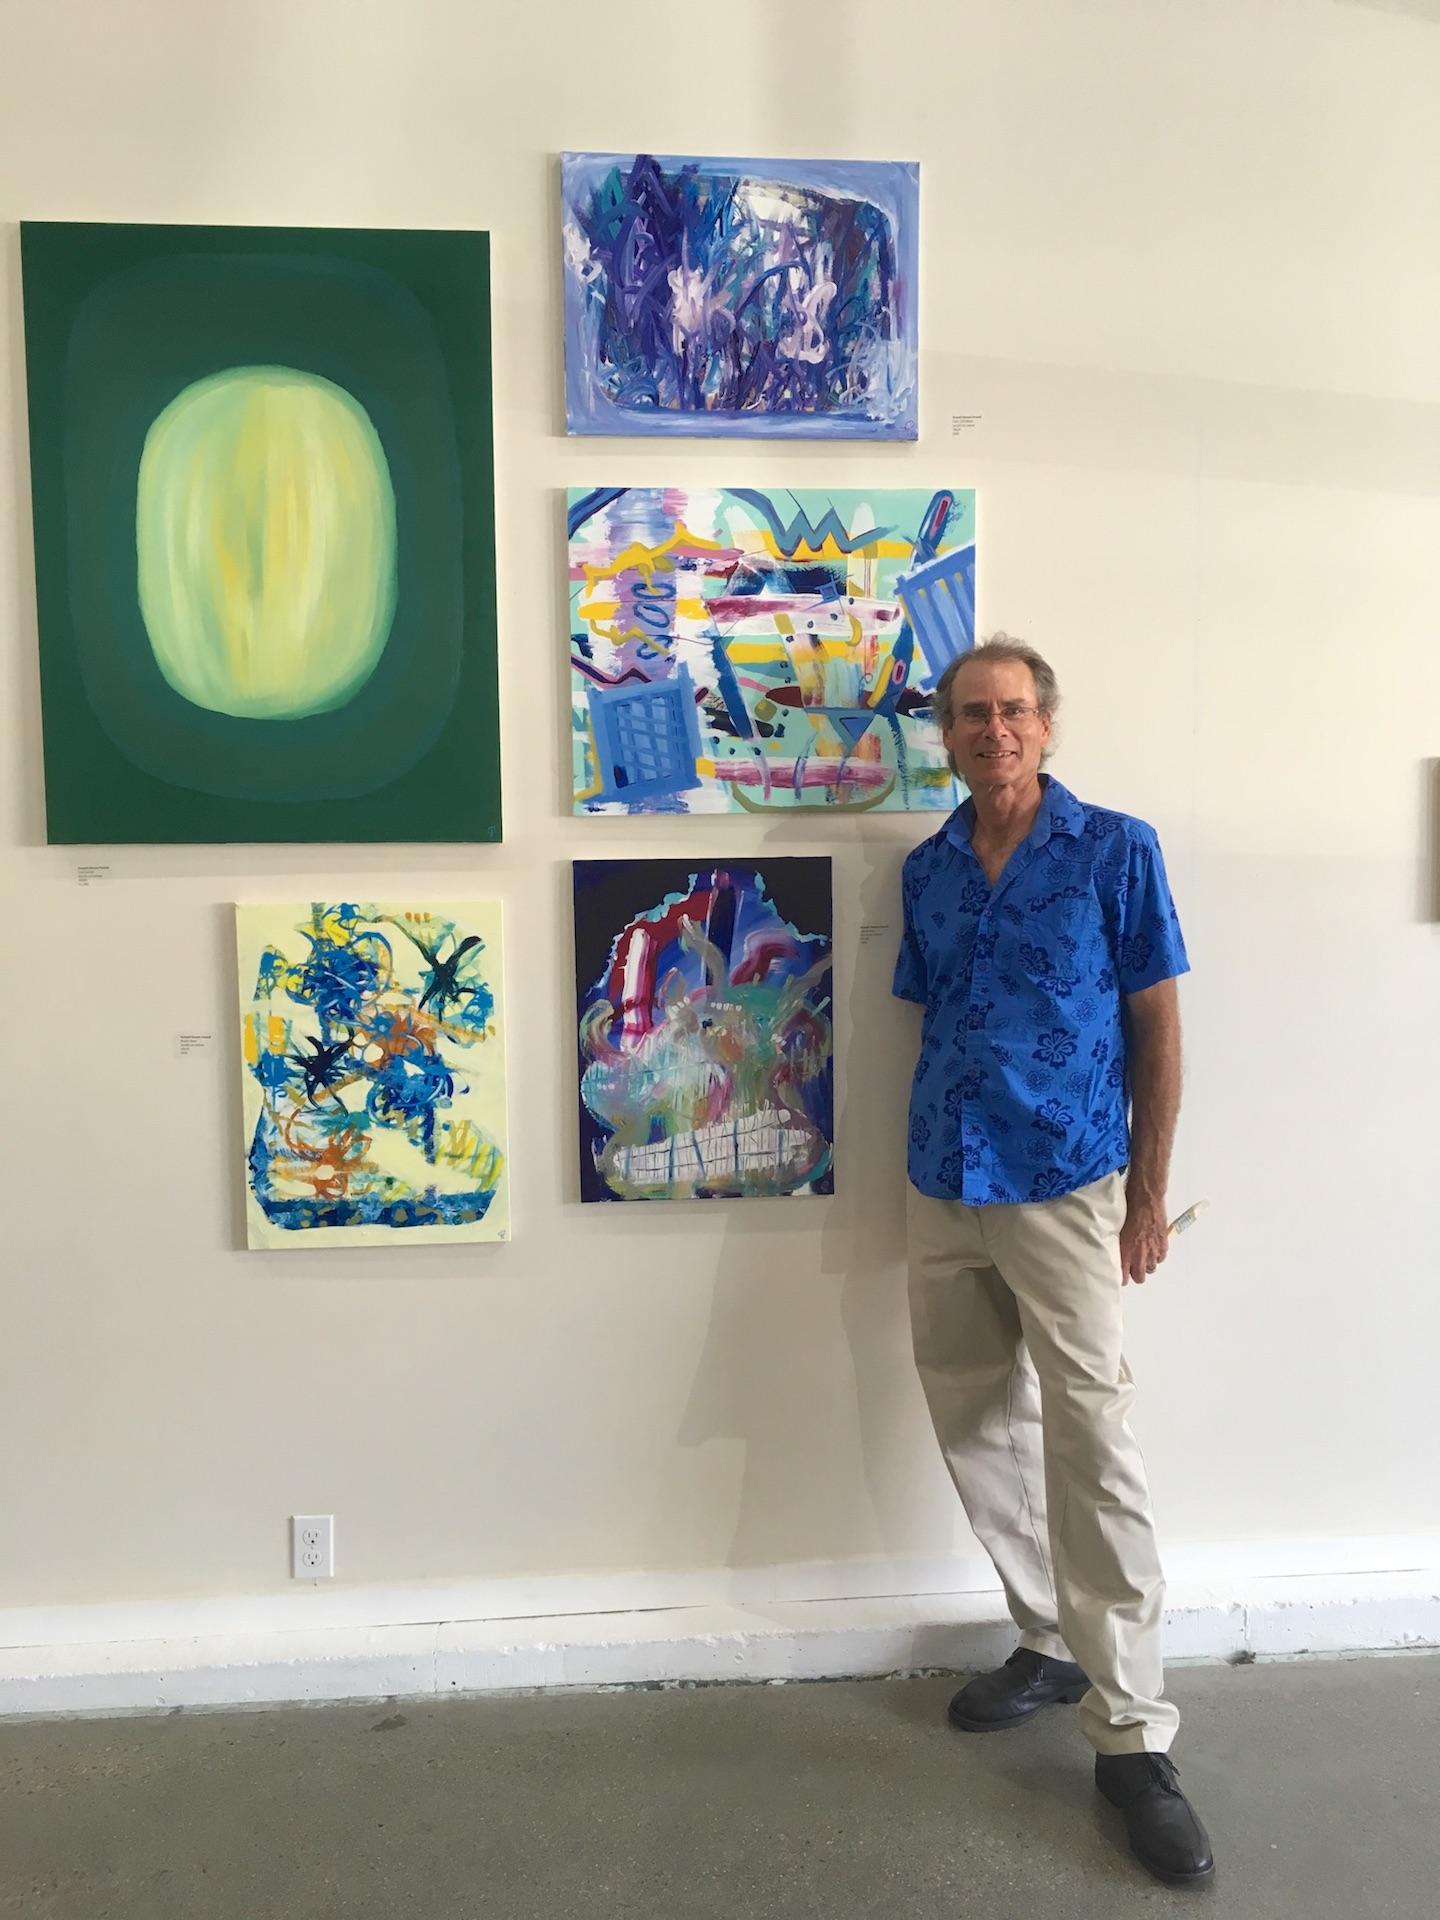 Russell Steven Powell at Jamestown Art Center, Jamestown, Rhode Island